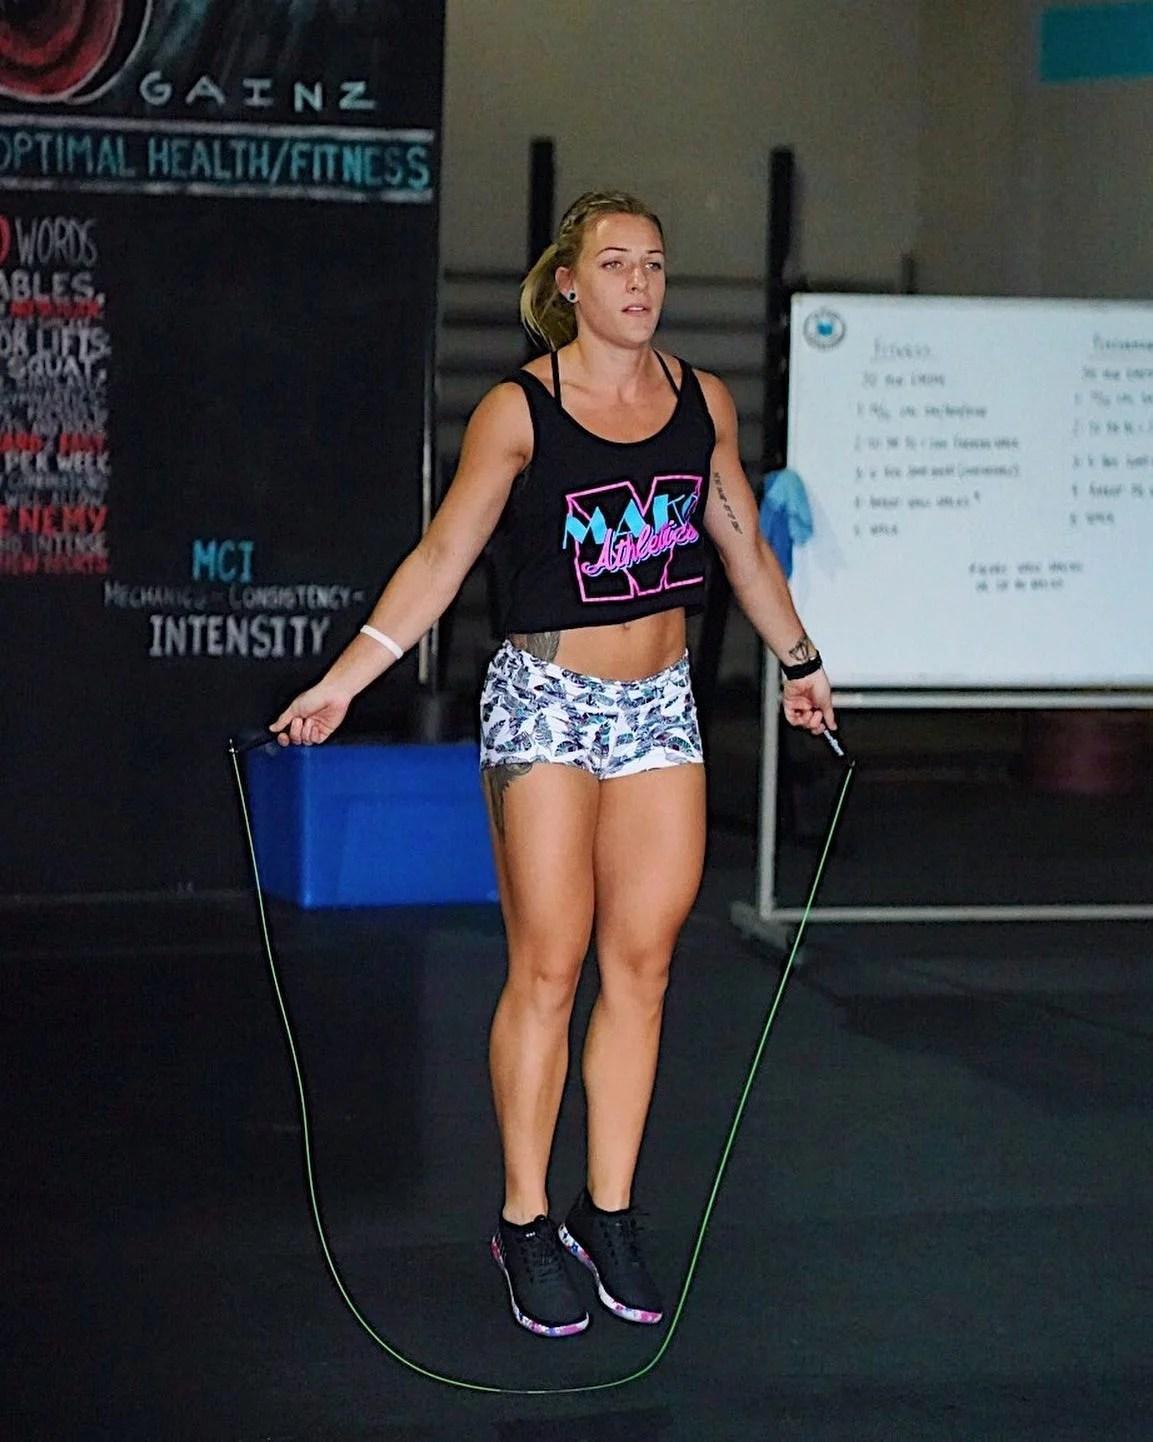 athlete-jumping-roping